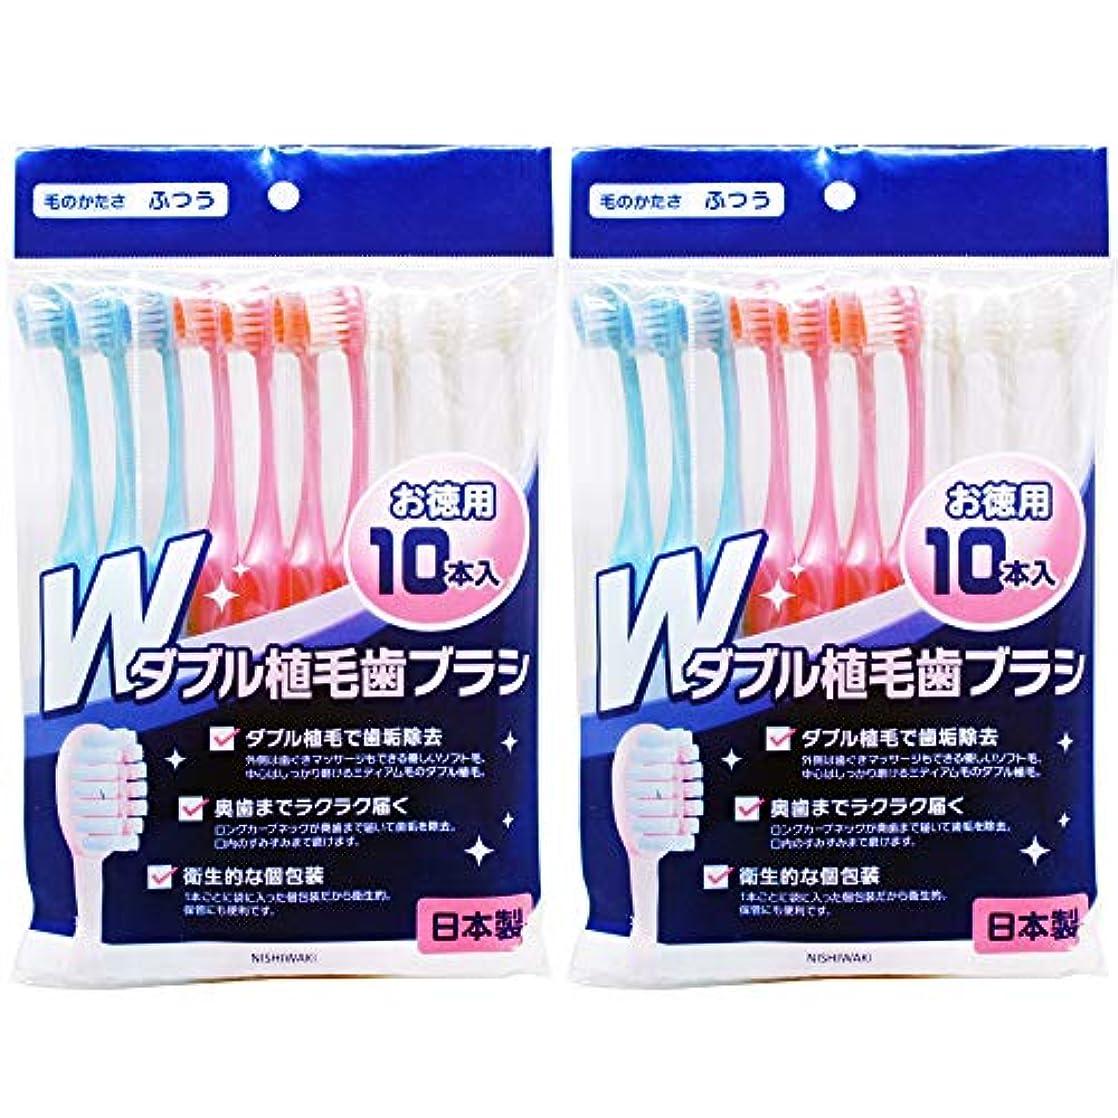 楽しいパトロール慎重歯ブラシ 日本製 20本セット「外側やわらか植毛歯ブラシ」